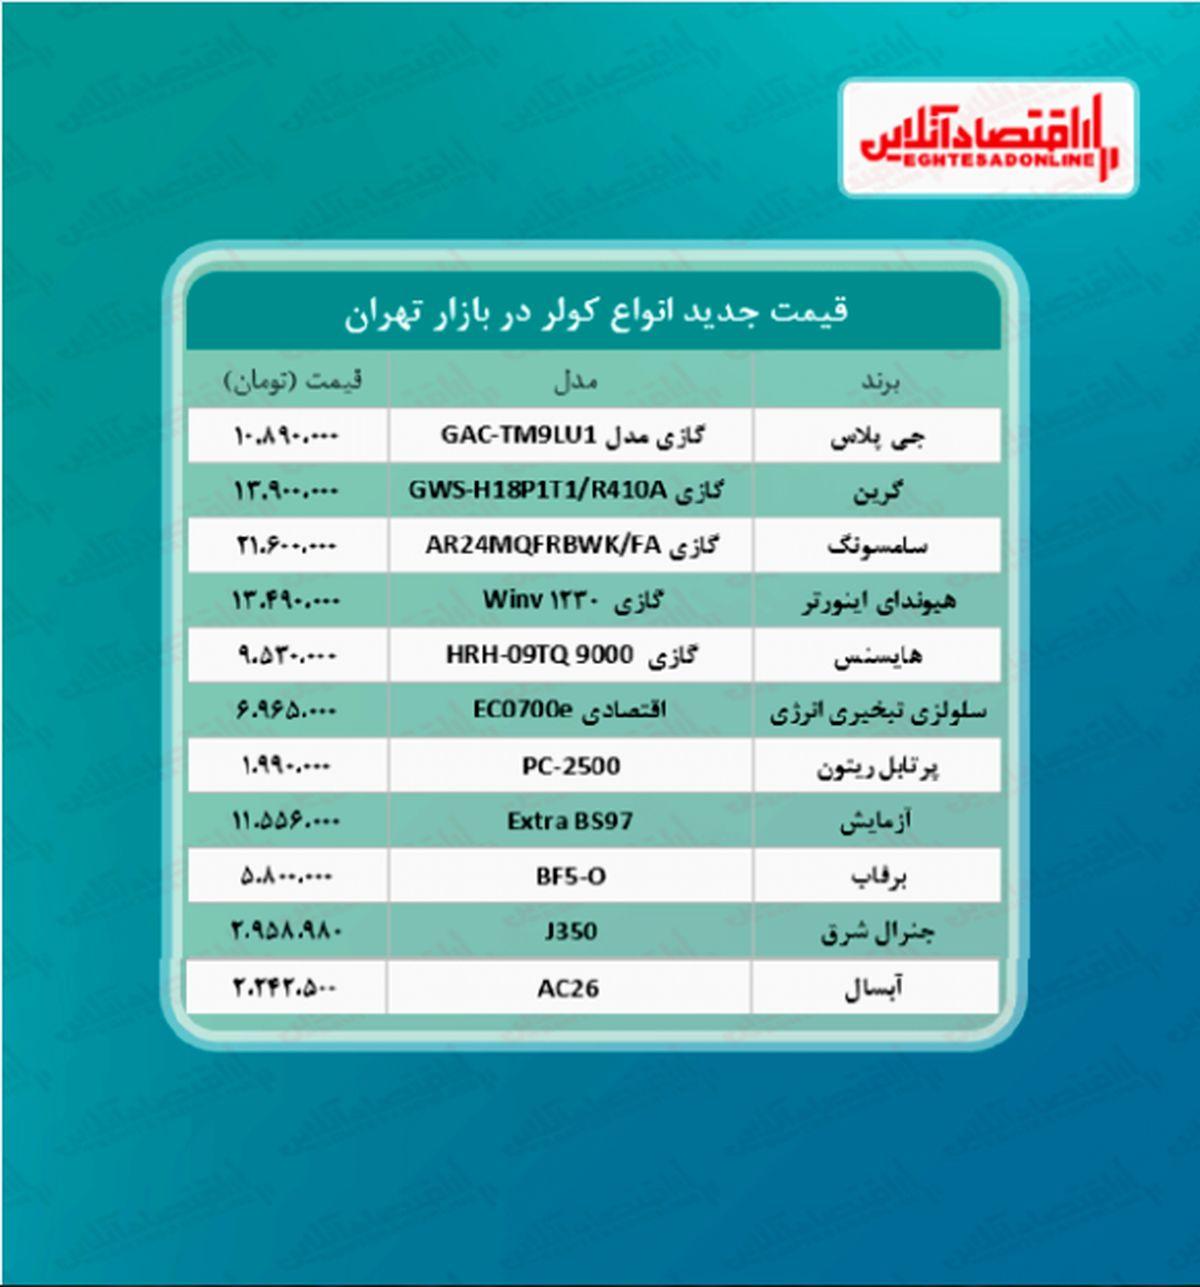 قیمت جدید انواع کولر (خرداد ۱۴۰۰)